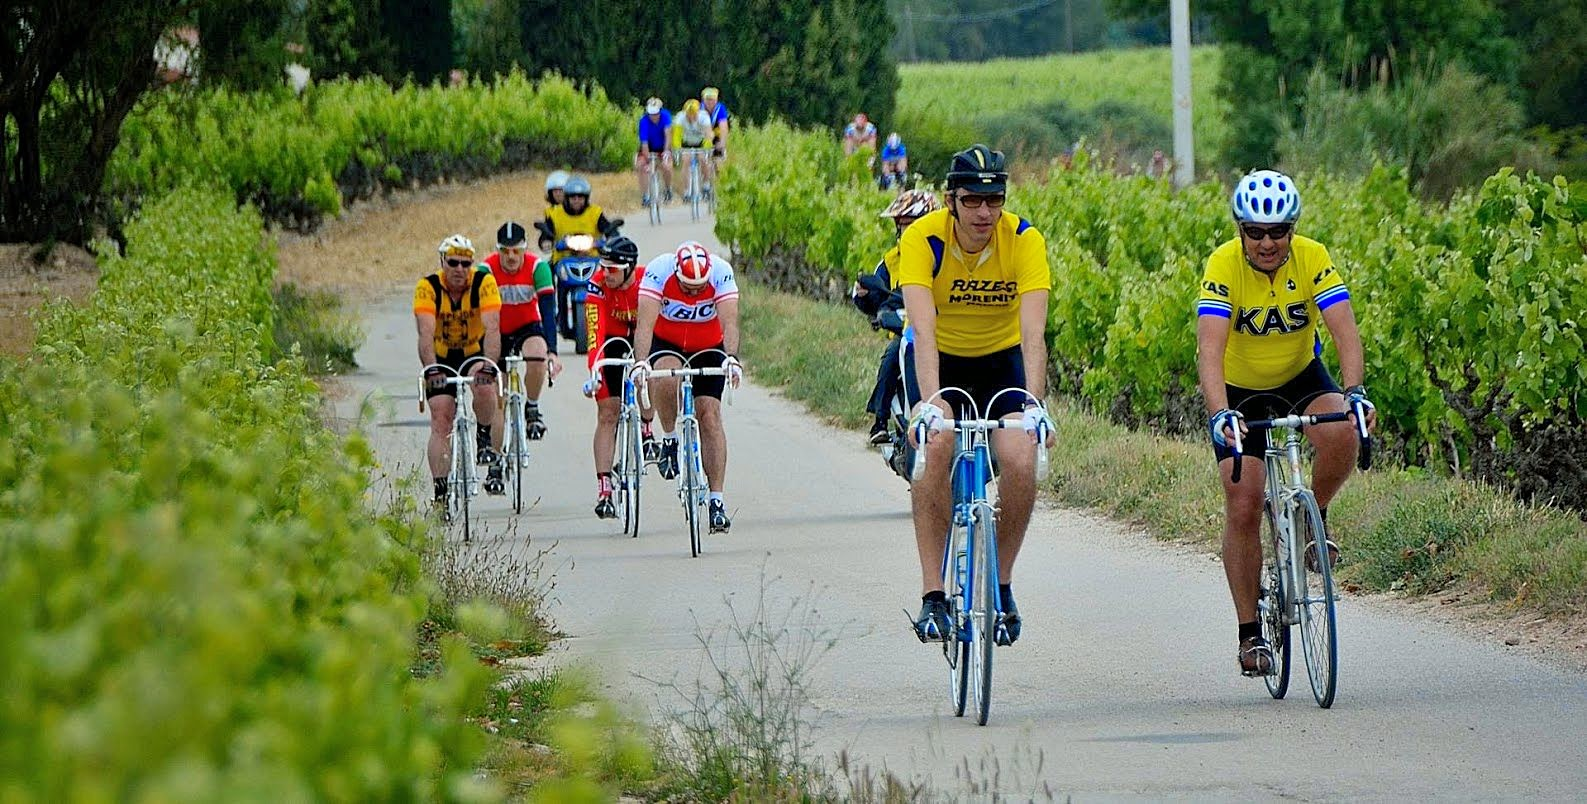 Pedals de Clip, aquí podeu veure totes les fotos oficials